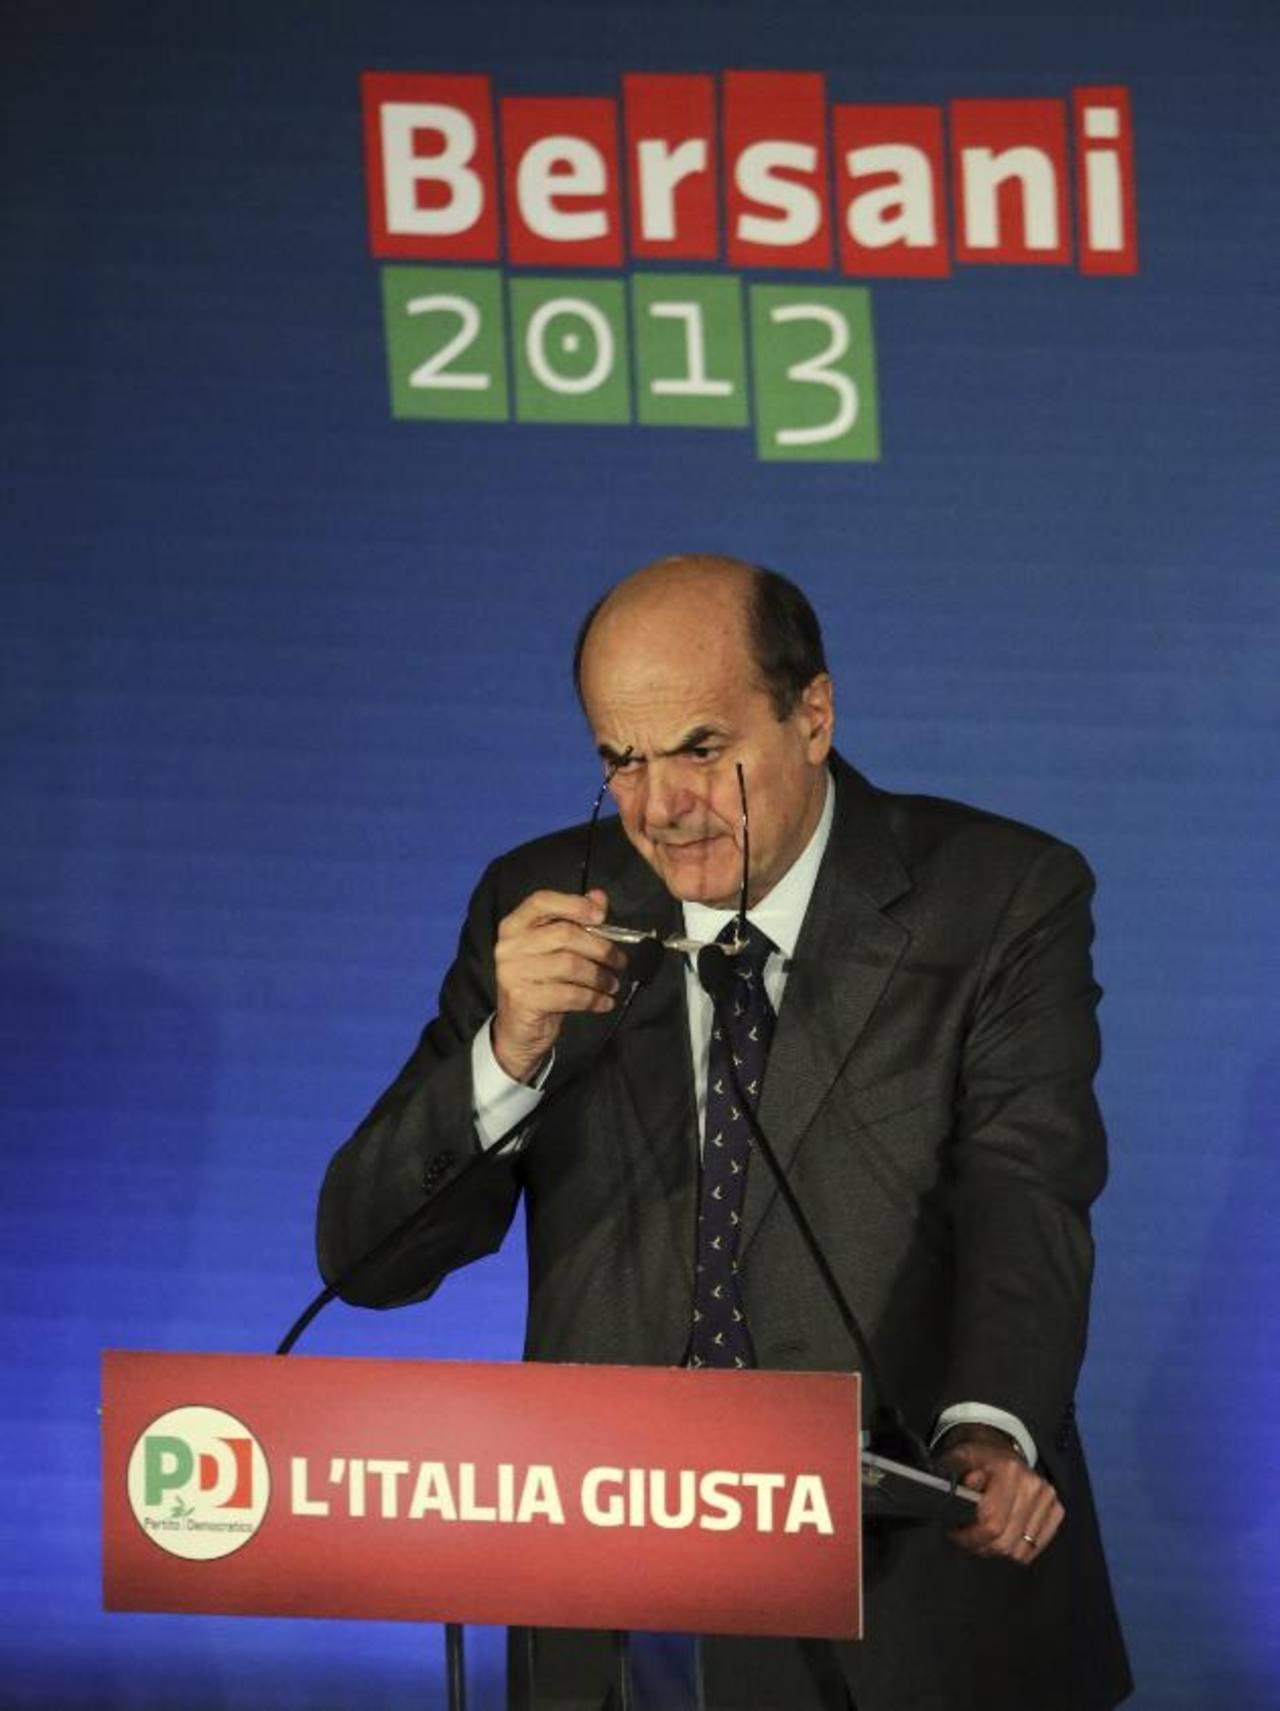 El jefe de la centroizquierda, Pier Luigi Bersani, anunció que propondrá al nuevo Parlamento un plan de Gobierno con una serie de reformas. foto edh / efe